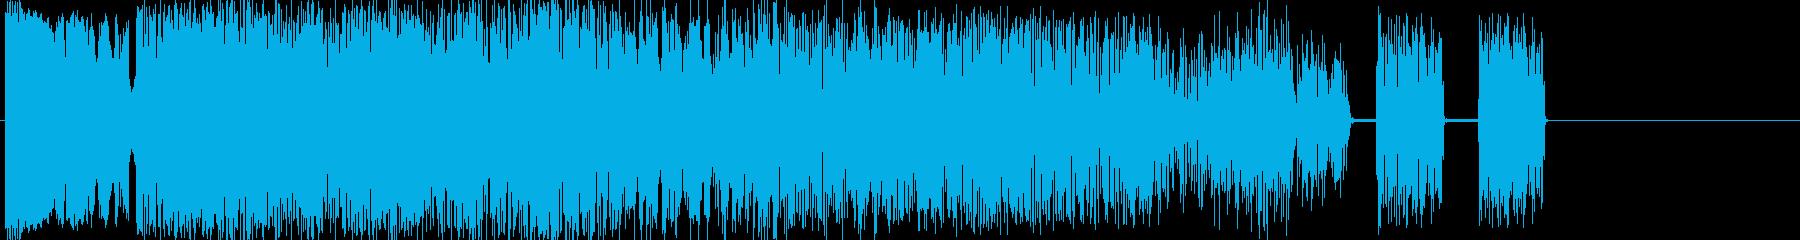 耳パンチの再生済みの波形